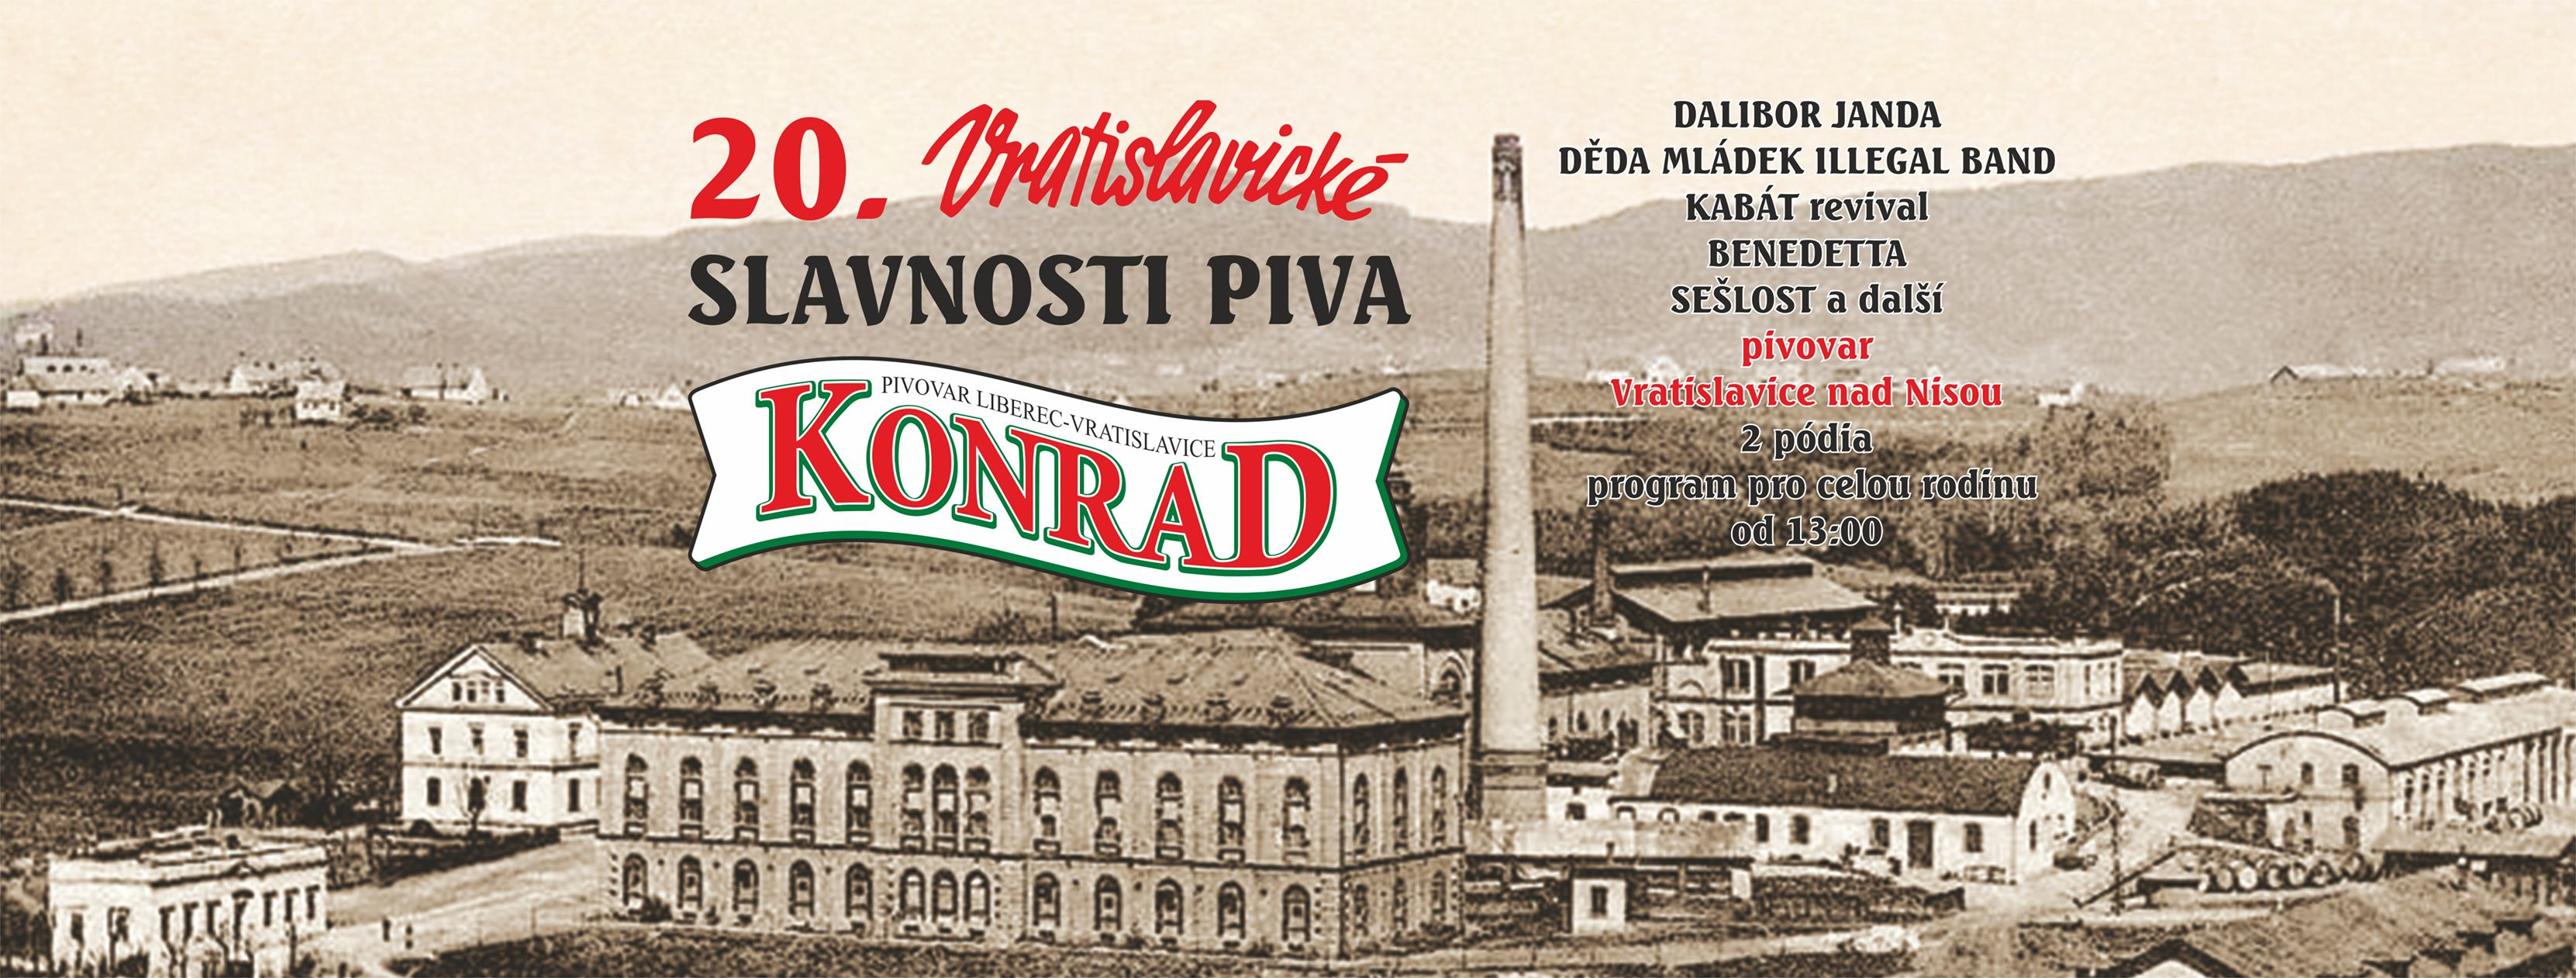 pivovari-pivovary-pivni-akce-20-vratislavicke-slavnosti-piva-konrad-2019